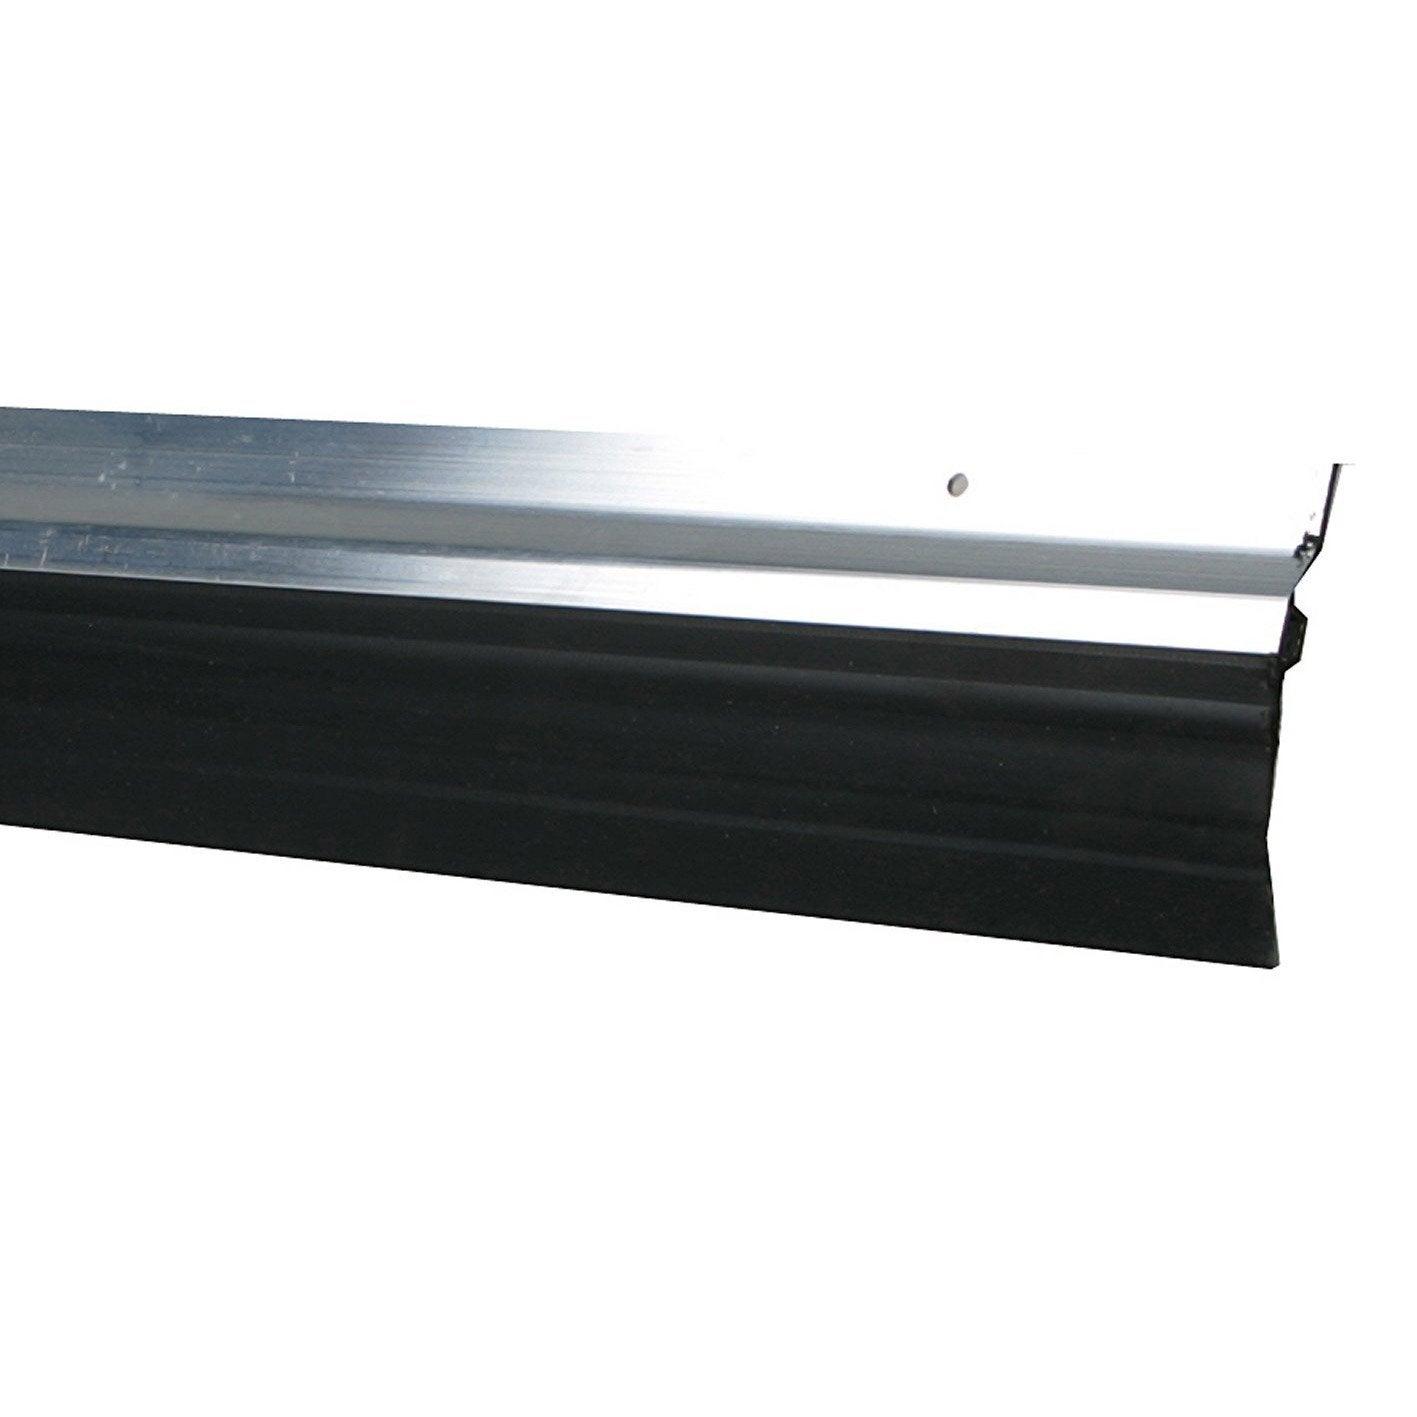 Exceptionnel Bas De Porte à Visser Lèvre AXTON, L.100 Cm Aluminium Idees De Conception De Maison